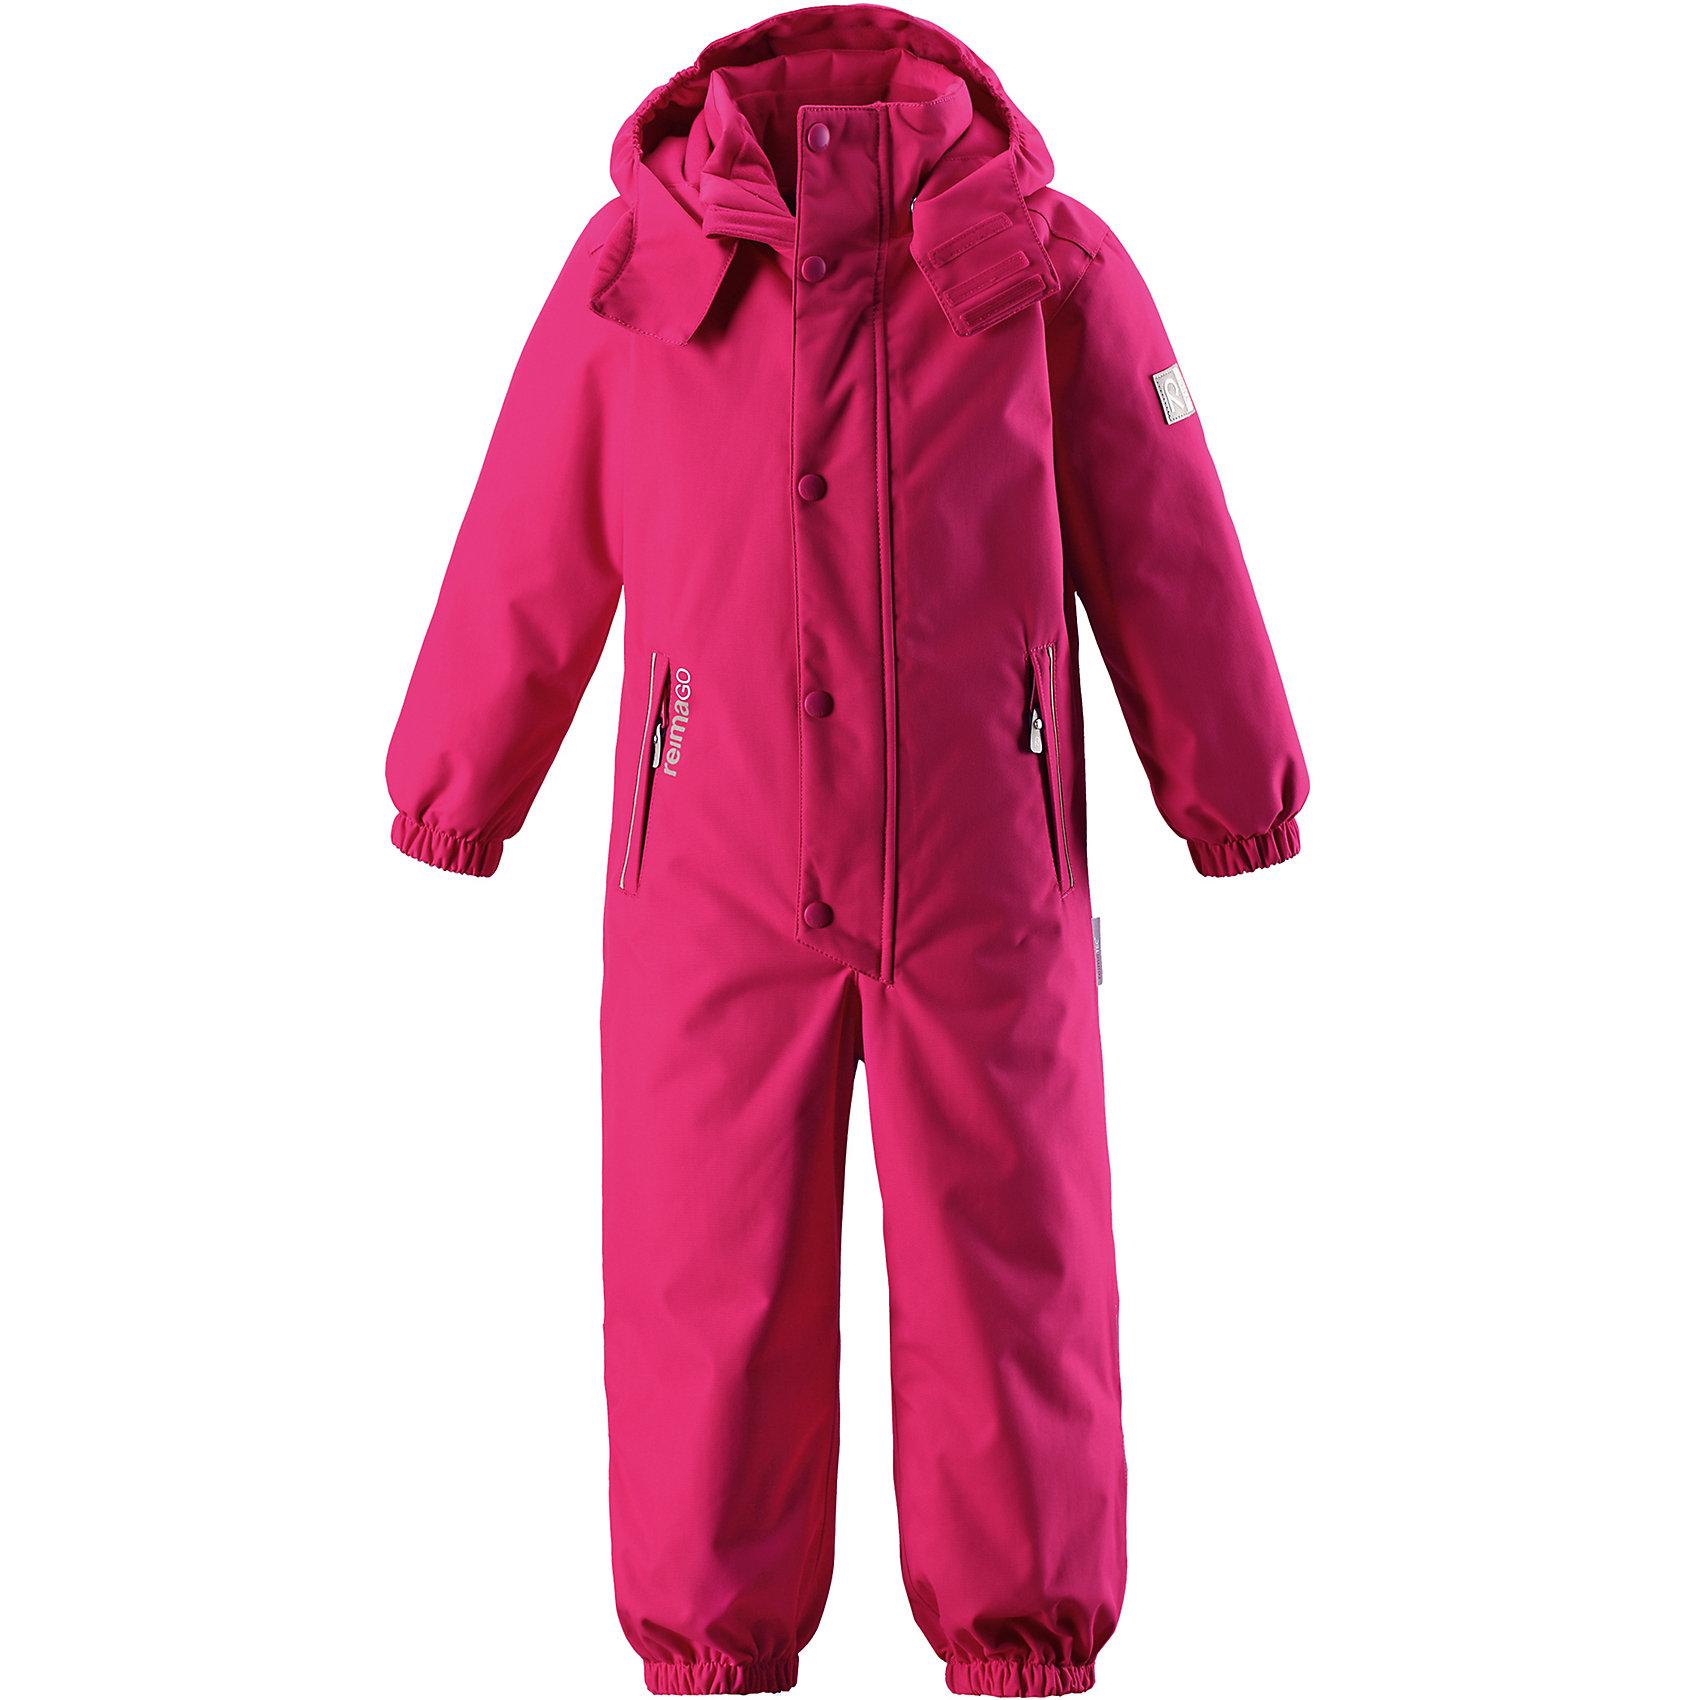 Комбинезон Reimatec® Reima KuusamoКомбинезоны<br>Характеристики товара:<br><br>• цвет: розовый;<br>• состав: 100% полиэстер;<br>• подкладка: 100% полиэстер;<br>• утеплитель: 160 г/м2<br>• температурный режим: от 0 до -20С;<br>• сезон: зима; <br>• водонепроницаемость: 12000 мм;<br>• воздухопроницаемость: 8000 мм;<br>• износостойкость: 80000 циклов (тест Мартиндейла);<br>• водо- и ветронепроницаемый, дышащий и грязеотталкивающий материал;<br>• все швы проклеены и водонепроницаемы;<br>• гладкая подкладка из полиэстера;<br>• эластичные манжеты и пояс сзади;<br>• застежка: молния с защитой подбородка;<br>• безопасный съемный  и регулируемый капюшон на кнопках;<br>• регулируемая длина брюк с помощью кнопок;<br>• внутренняя регулировка обхвата талии;<br>• прочные съемные силиконовые штрипки;<br>• два кармана на молнии;<br>• кармана с креплением для сенсора ReimaGO®;<br>• светоотражающие детали;<br>• страна бренда: Финляндия;<br>• страна изготовитель: Китай.<br><br>Абсолютно непромокаемый детский зимний комбинезон Reimatec® с полностью проклеенными швами. Этот практичный комбинезон изготовлен из ветронепроницаемого и дышащего материала, поэтому вашему ребенку будет тепло и сухо, к тому же он не вспотеет. Комбинезон снабжен гладкой подкладкой из полиэстера. В этом комбинезоне прямого кроя талия при необходимости легко регулируется, что позволяет подогнать комбинезон точно по фигуре. А еще он снабжен эластичными манжетами на рукавах и концах брючин, которые регулируются застежкой на кнопках. <br><br>Съемный и регулируемый капюшон защищает от пронизывающего ветра, а еще он безопасен во время игр на свежем воздухе. Кнопки легко отстегиваются, если капюшон случайно за что-нибудь зацепится. Съемные и регулируемые силиконовые штрипки не дают концам брючин выбиваться из обуви, бегай сколько хочешь! Два кармана на молнии и специальный карман с кнопками для сенсора ReimaGO®. Материал имеет грязеотталкивающую поверхность, и при этом его можно сушить в сушильной машине. Светоотражающие